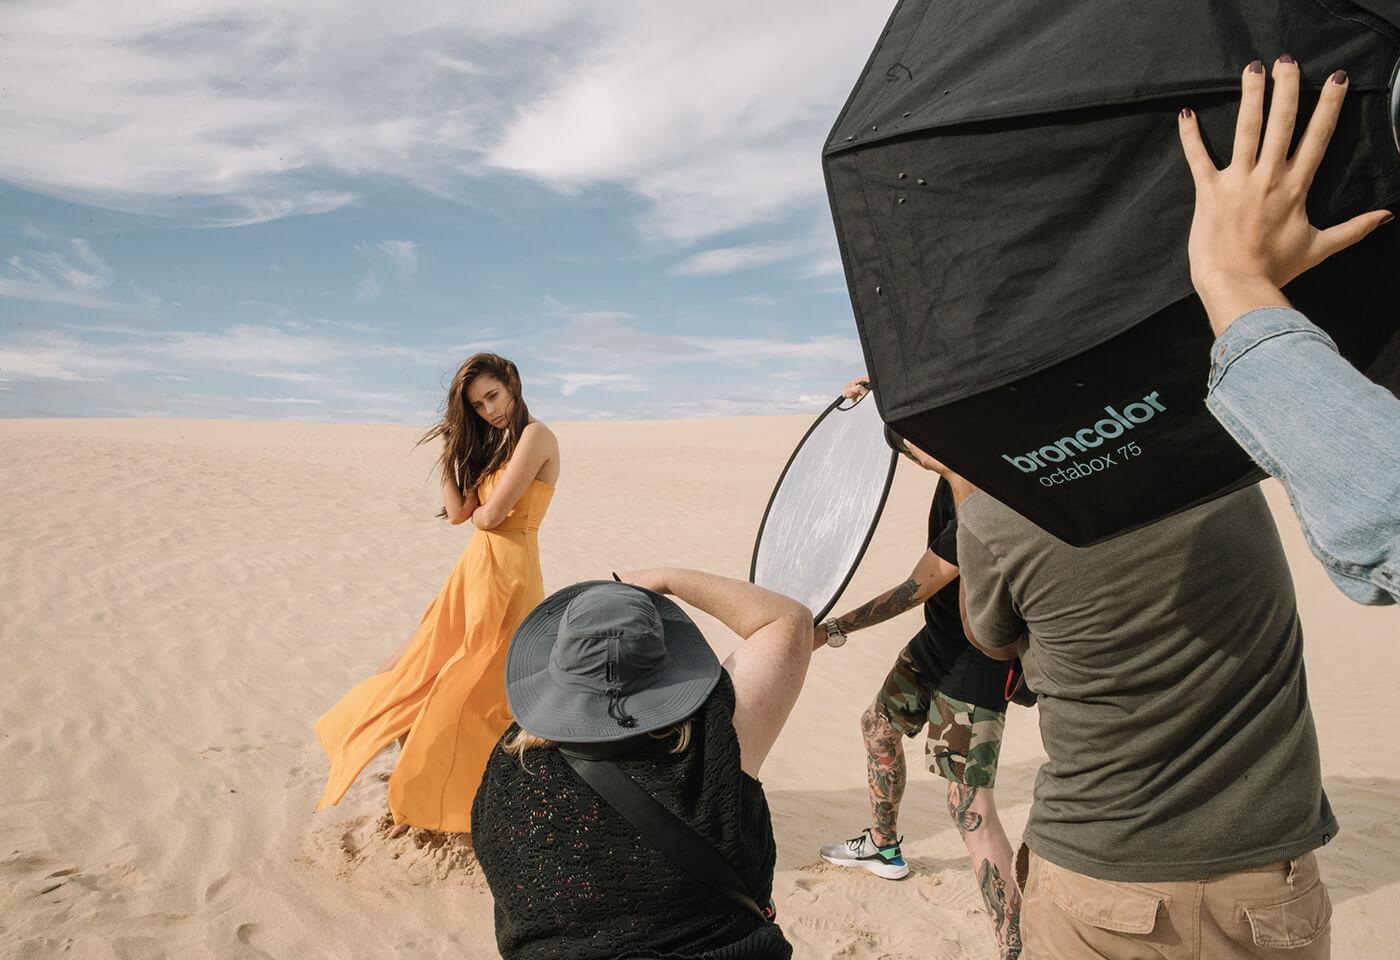 Portrait image of model in desert